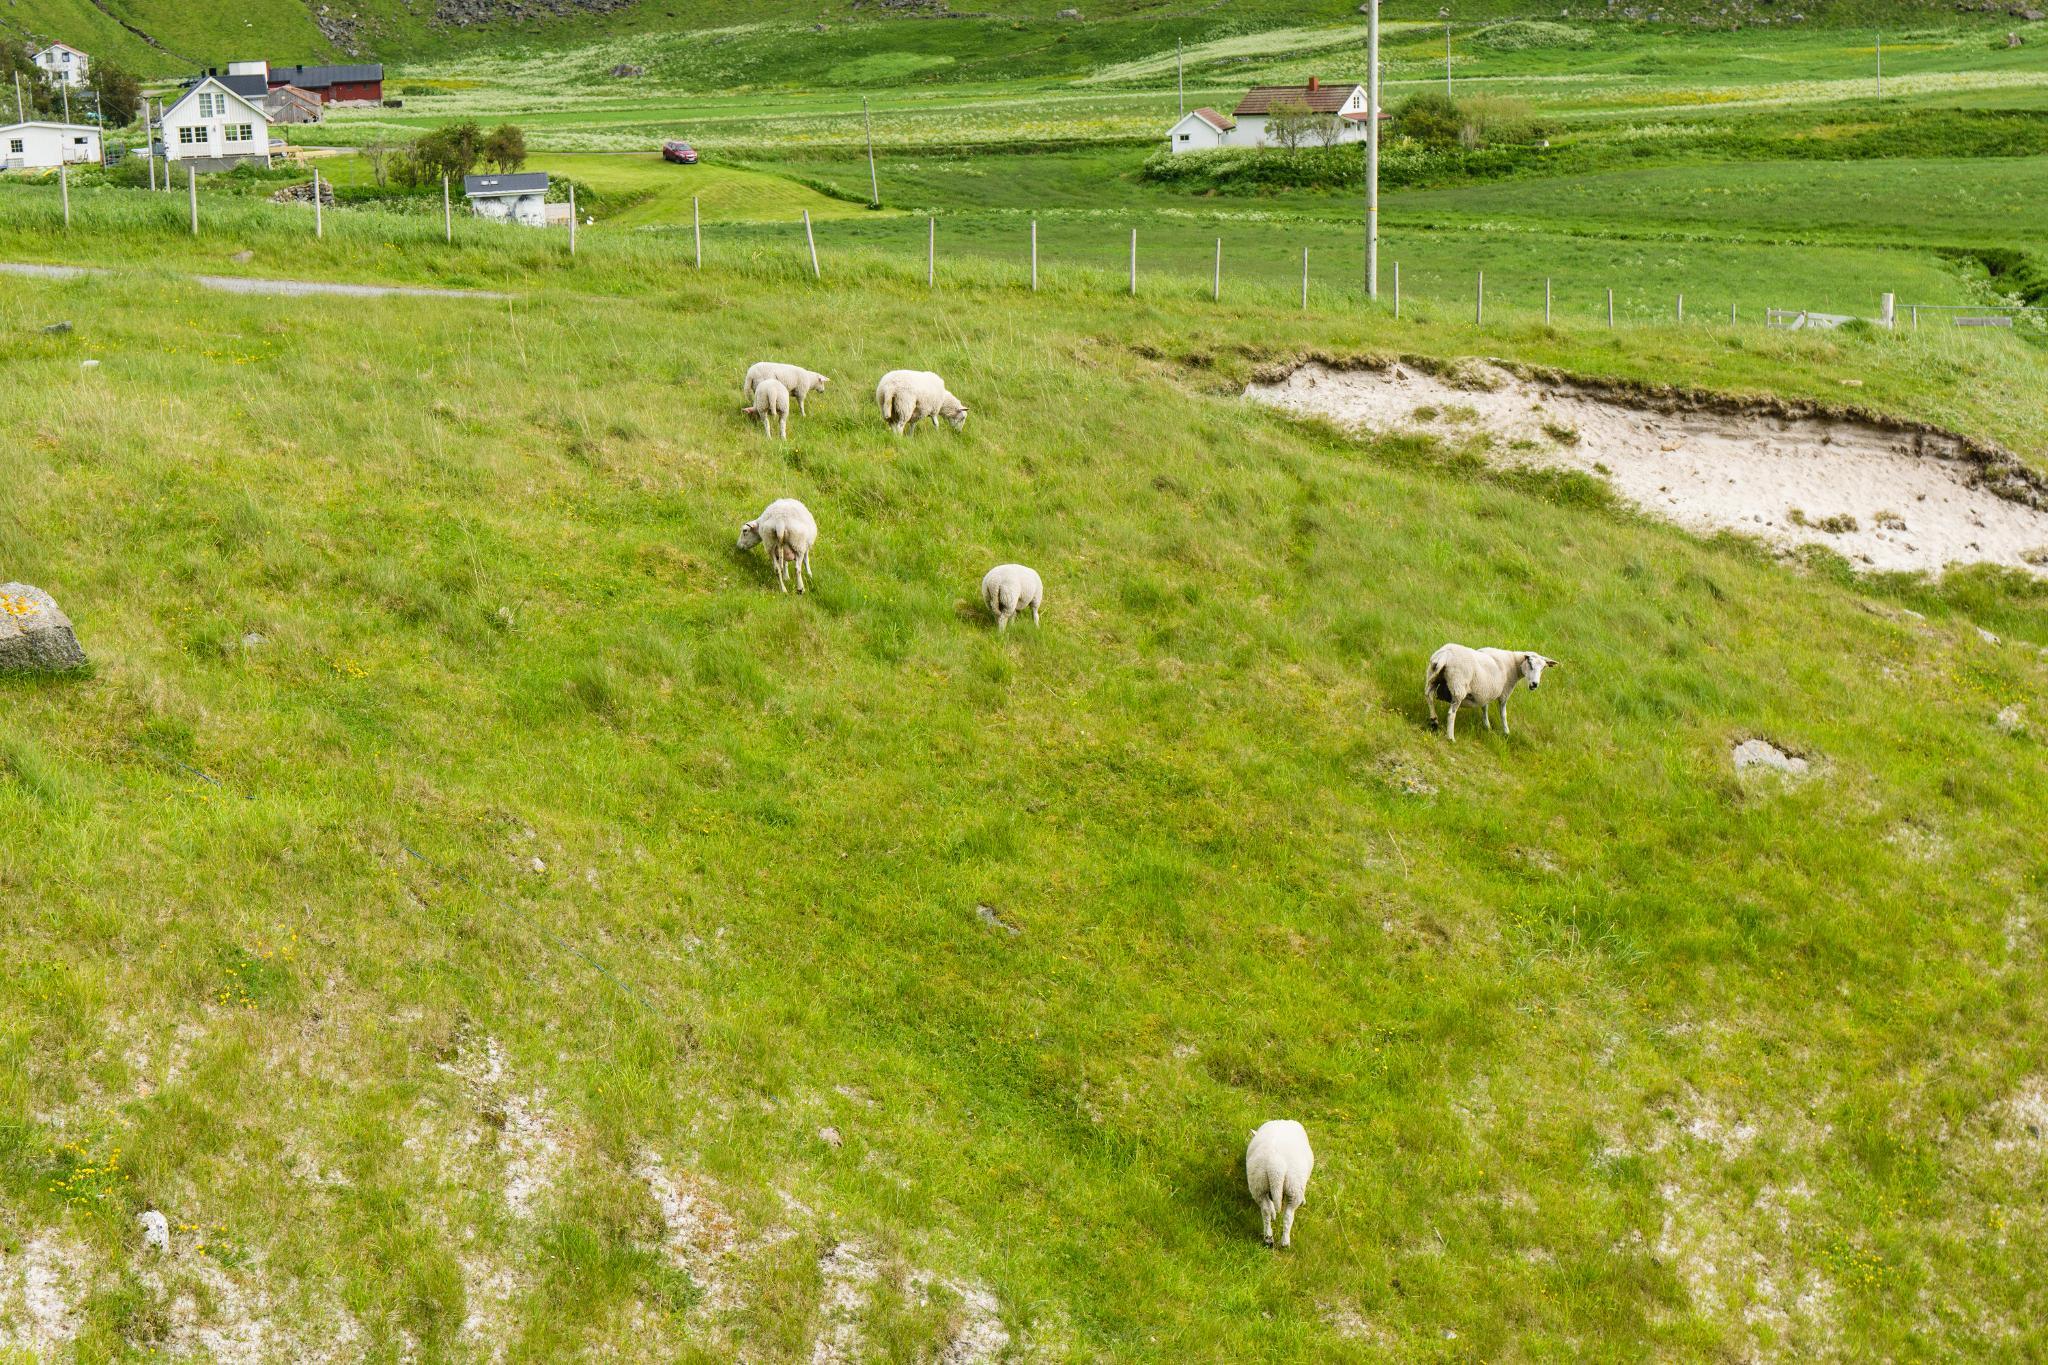 【羅弗敦群島】與羊共舞的人間仙境 - Uttakleiv Beach 與 Haukland Beach 56